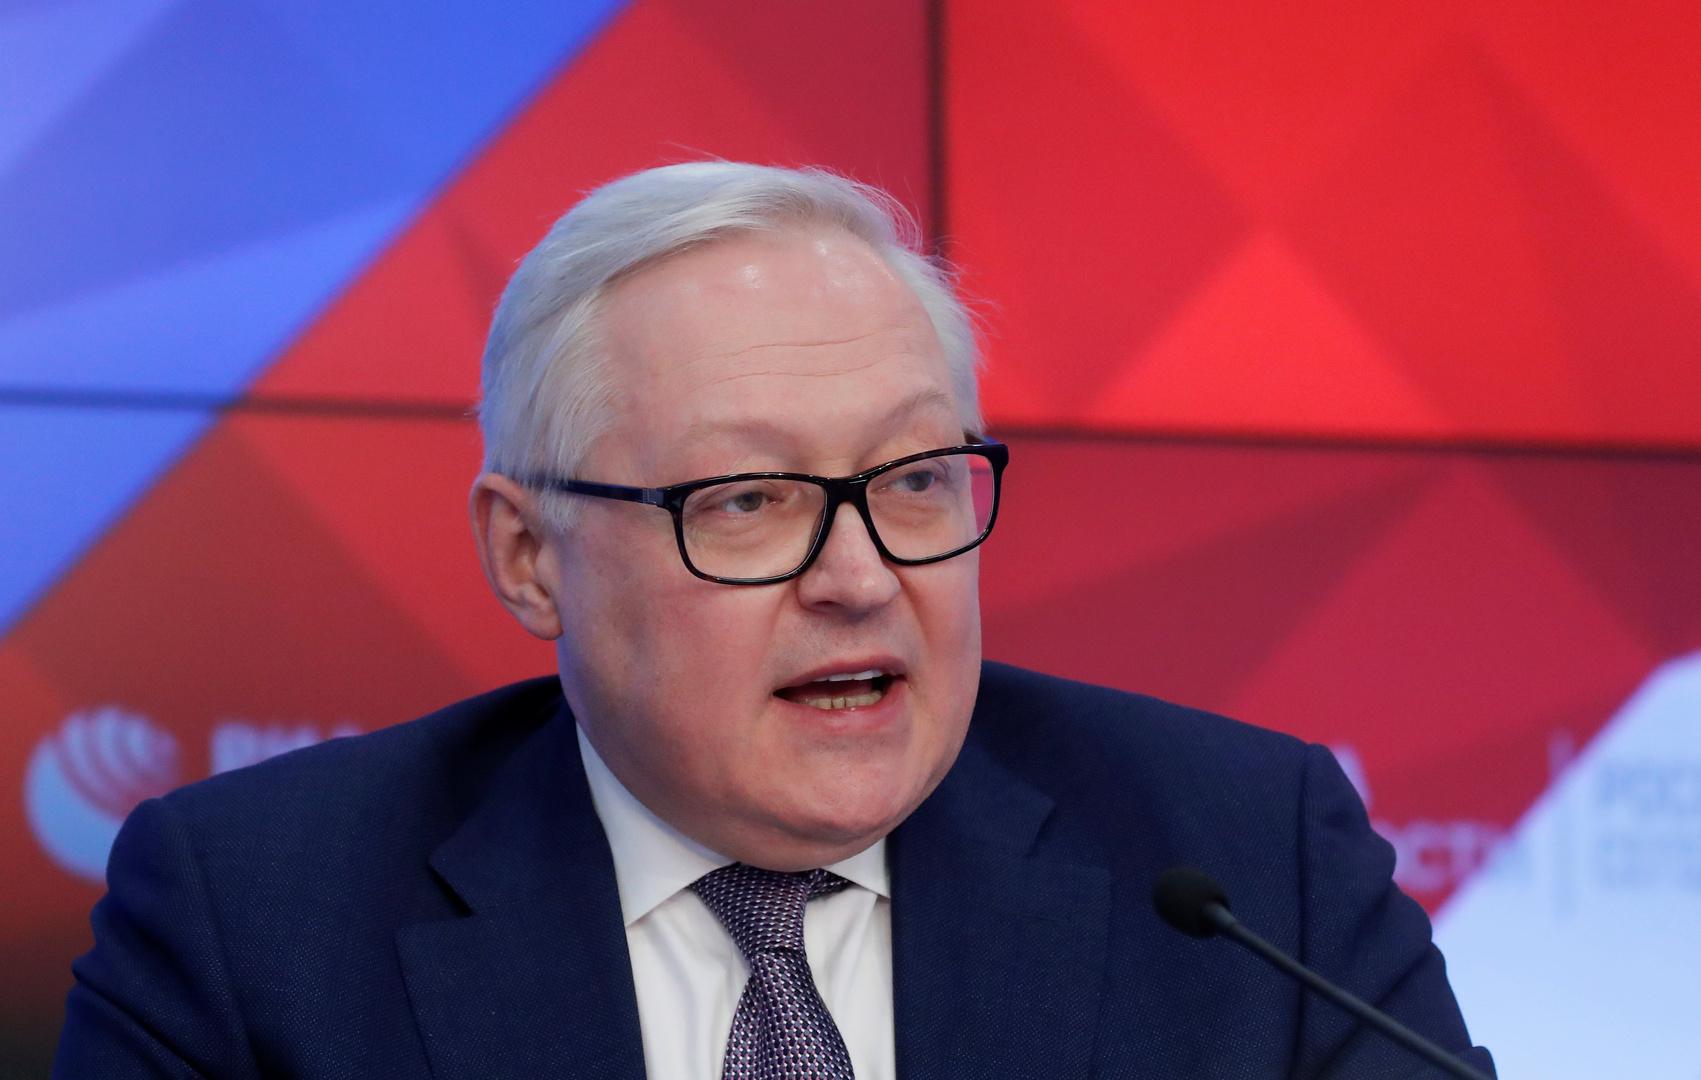 روسيا تسعى لمعادلة أمنية دولية جديدة مع الولايات المتحدة